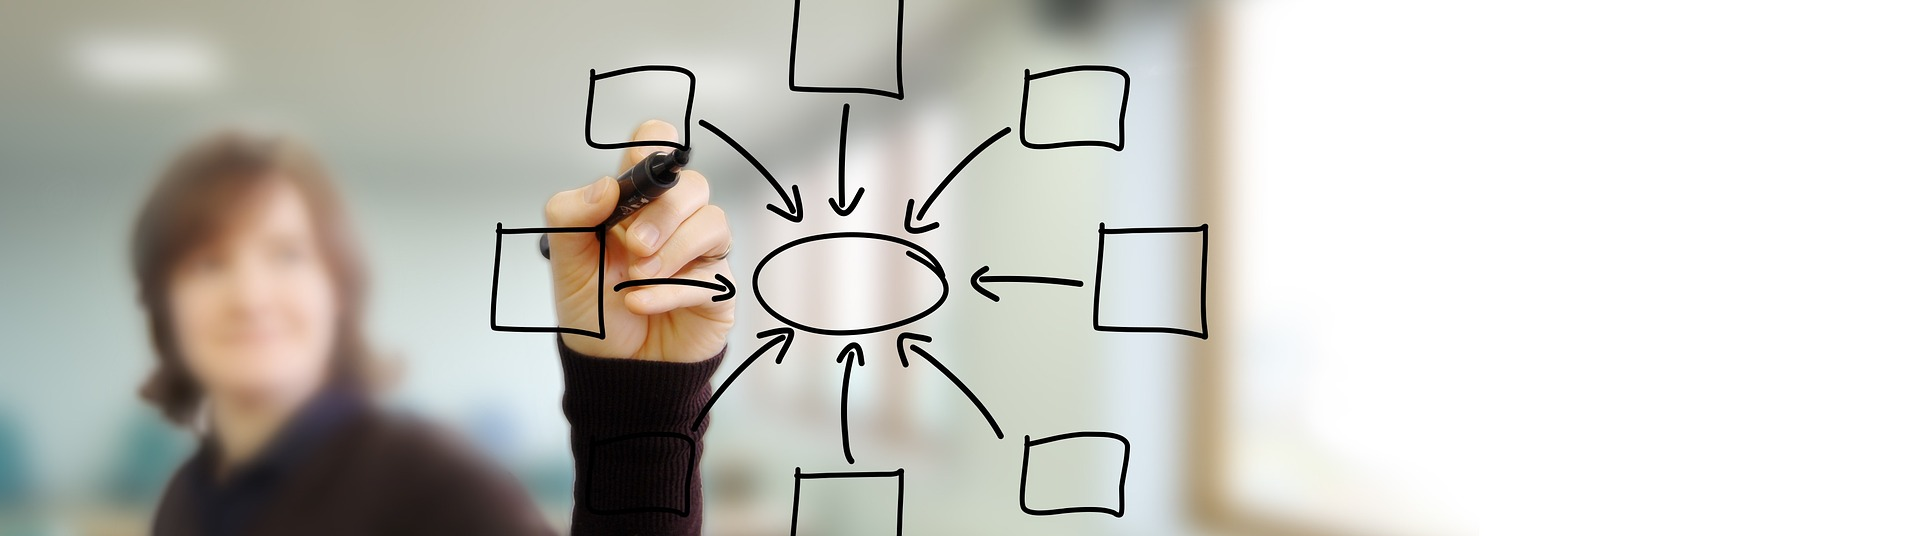 Zielgruppen identifizieren (Aufbauseminar Politisches Online-Marketing)